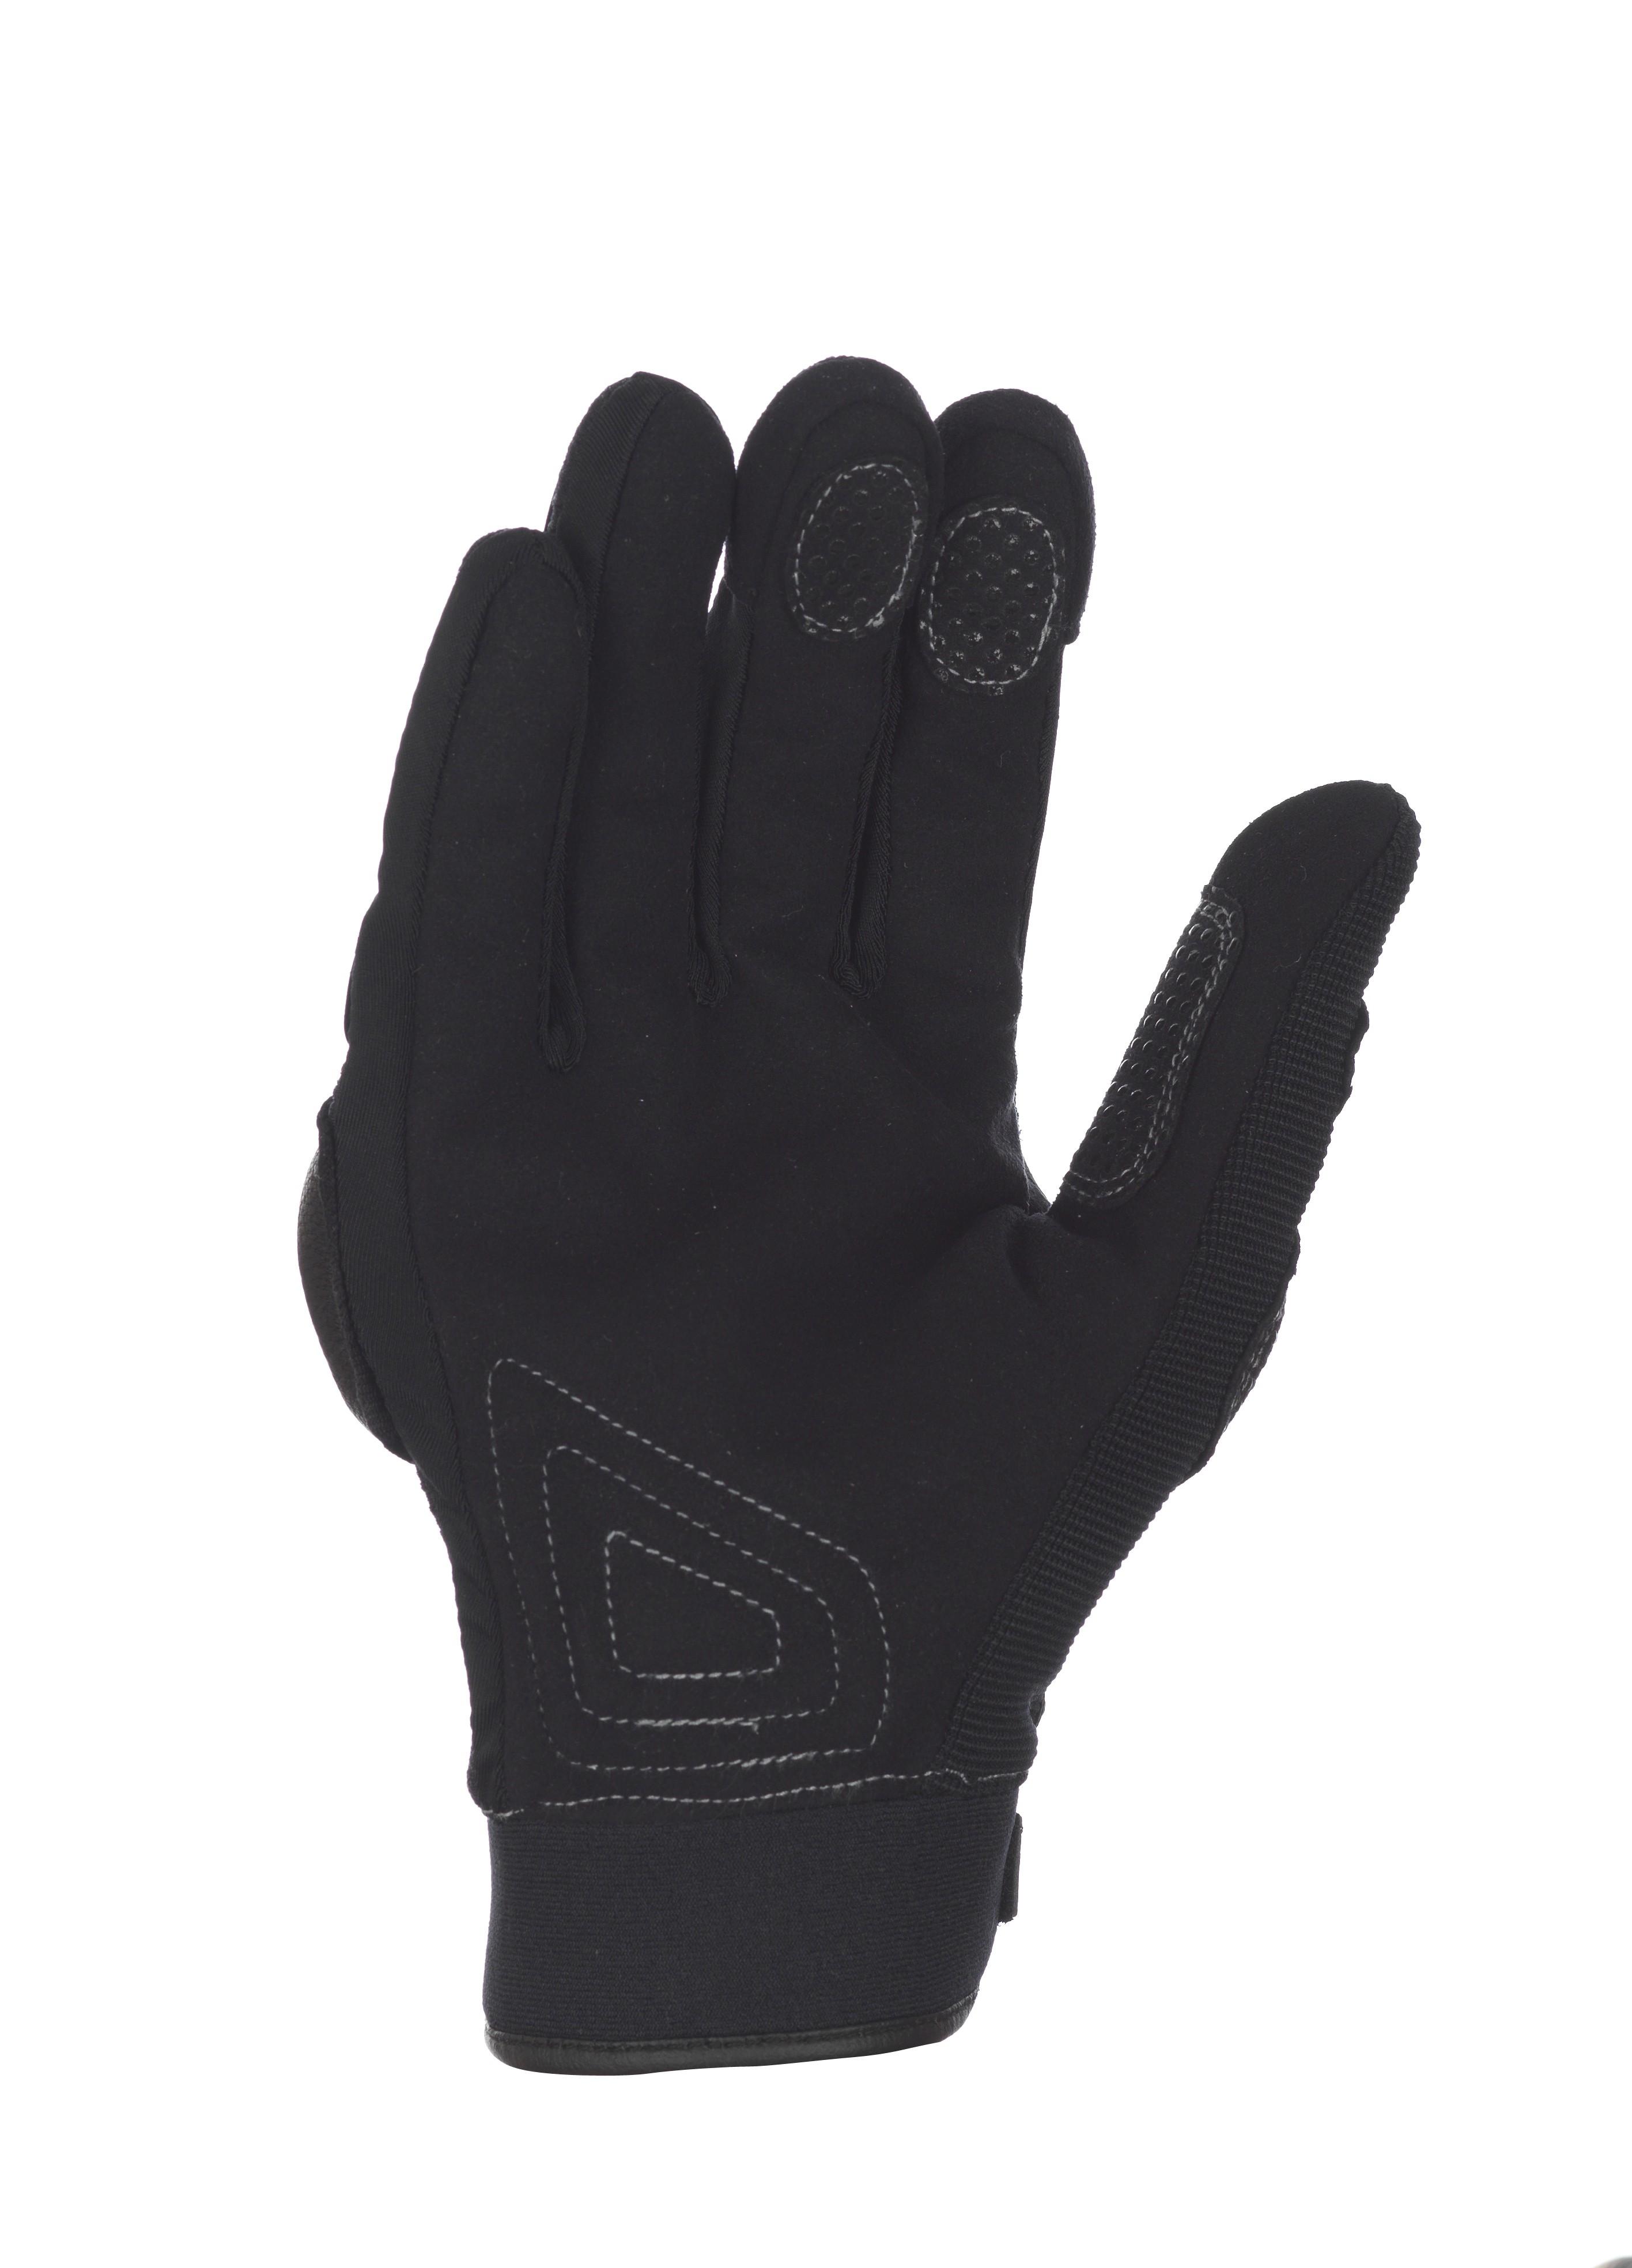 basalt-2-handschoen-binnenzijde